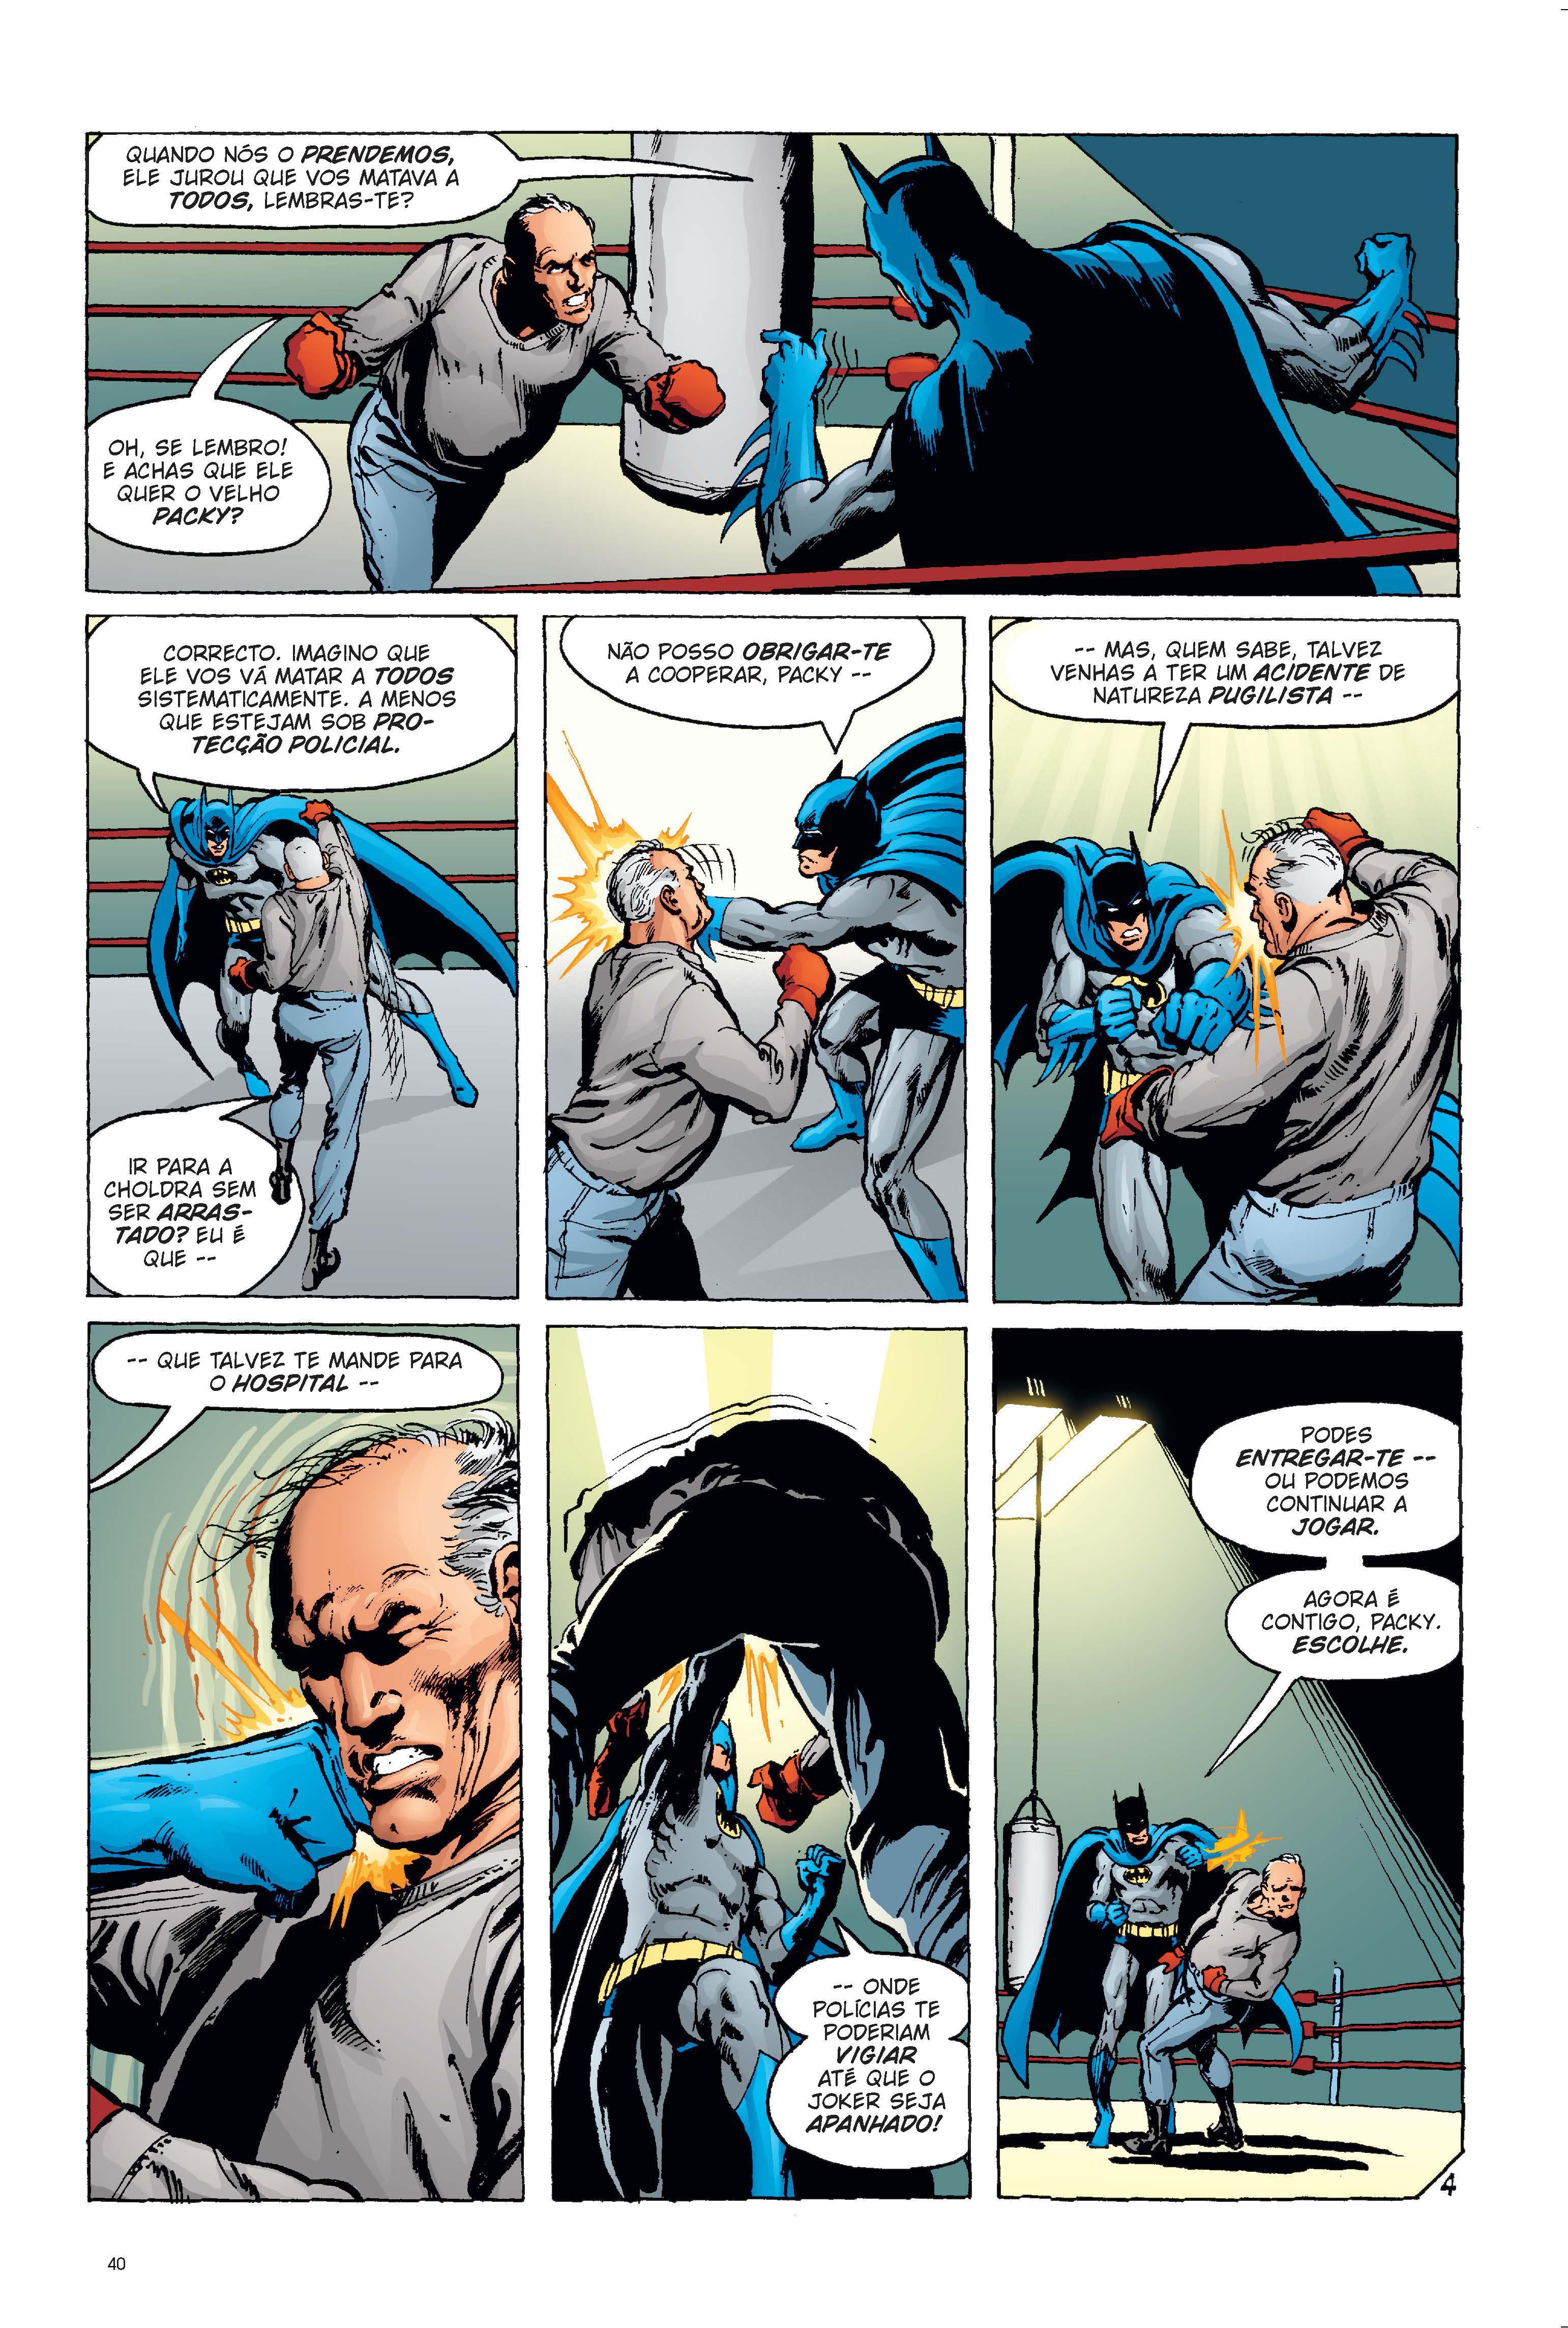 Joker: O Príncipe Palhaço do Crime página 4, DC Comics